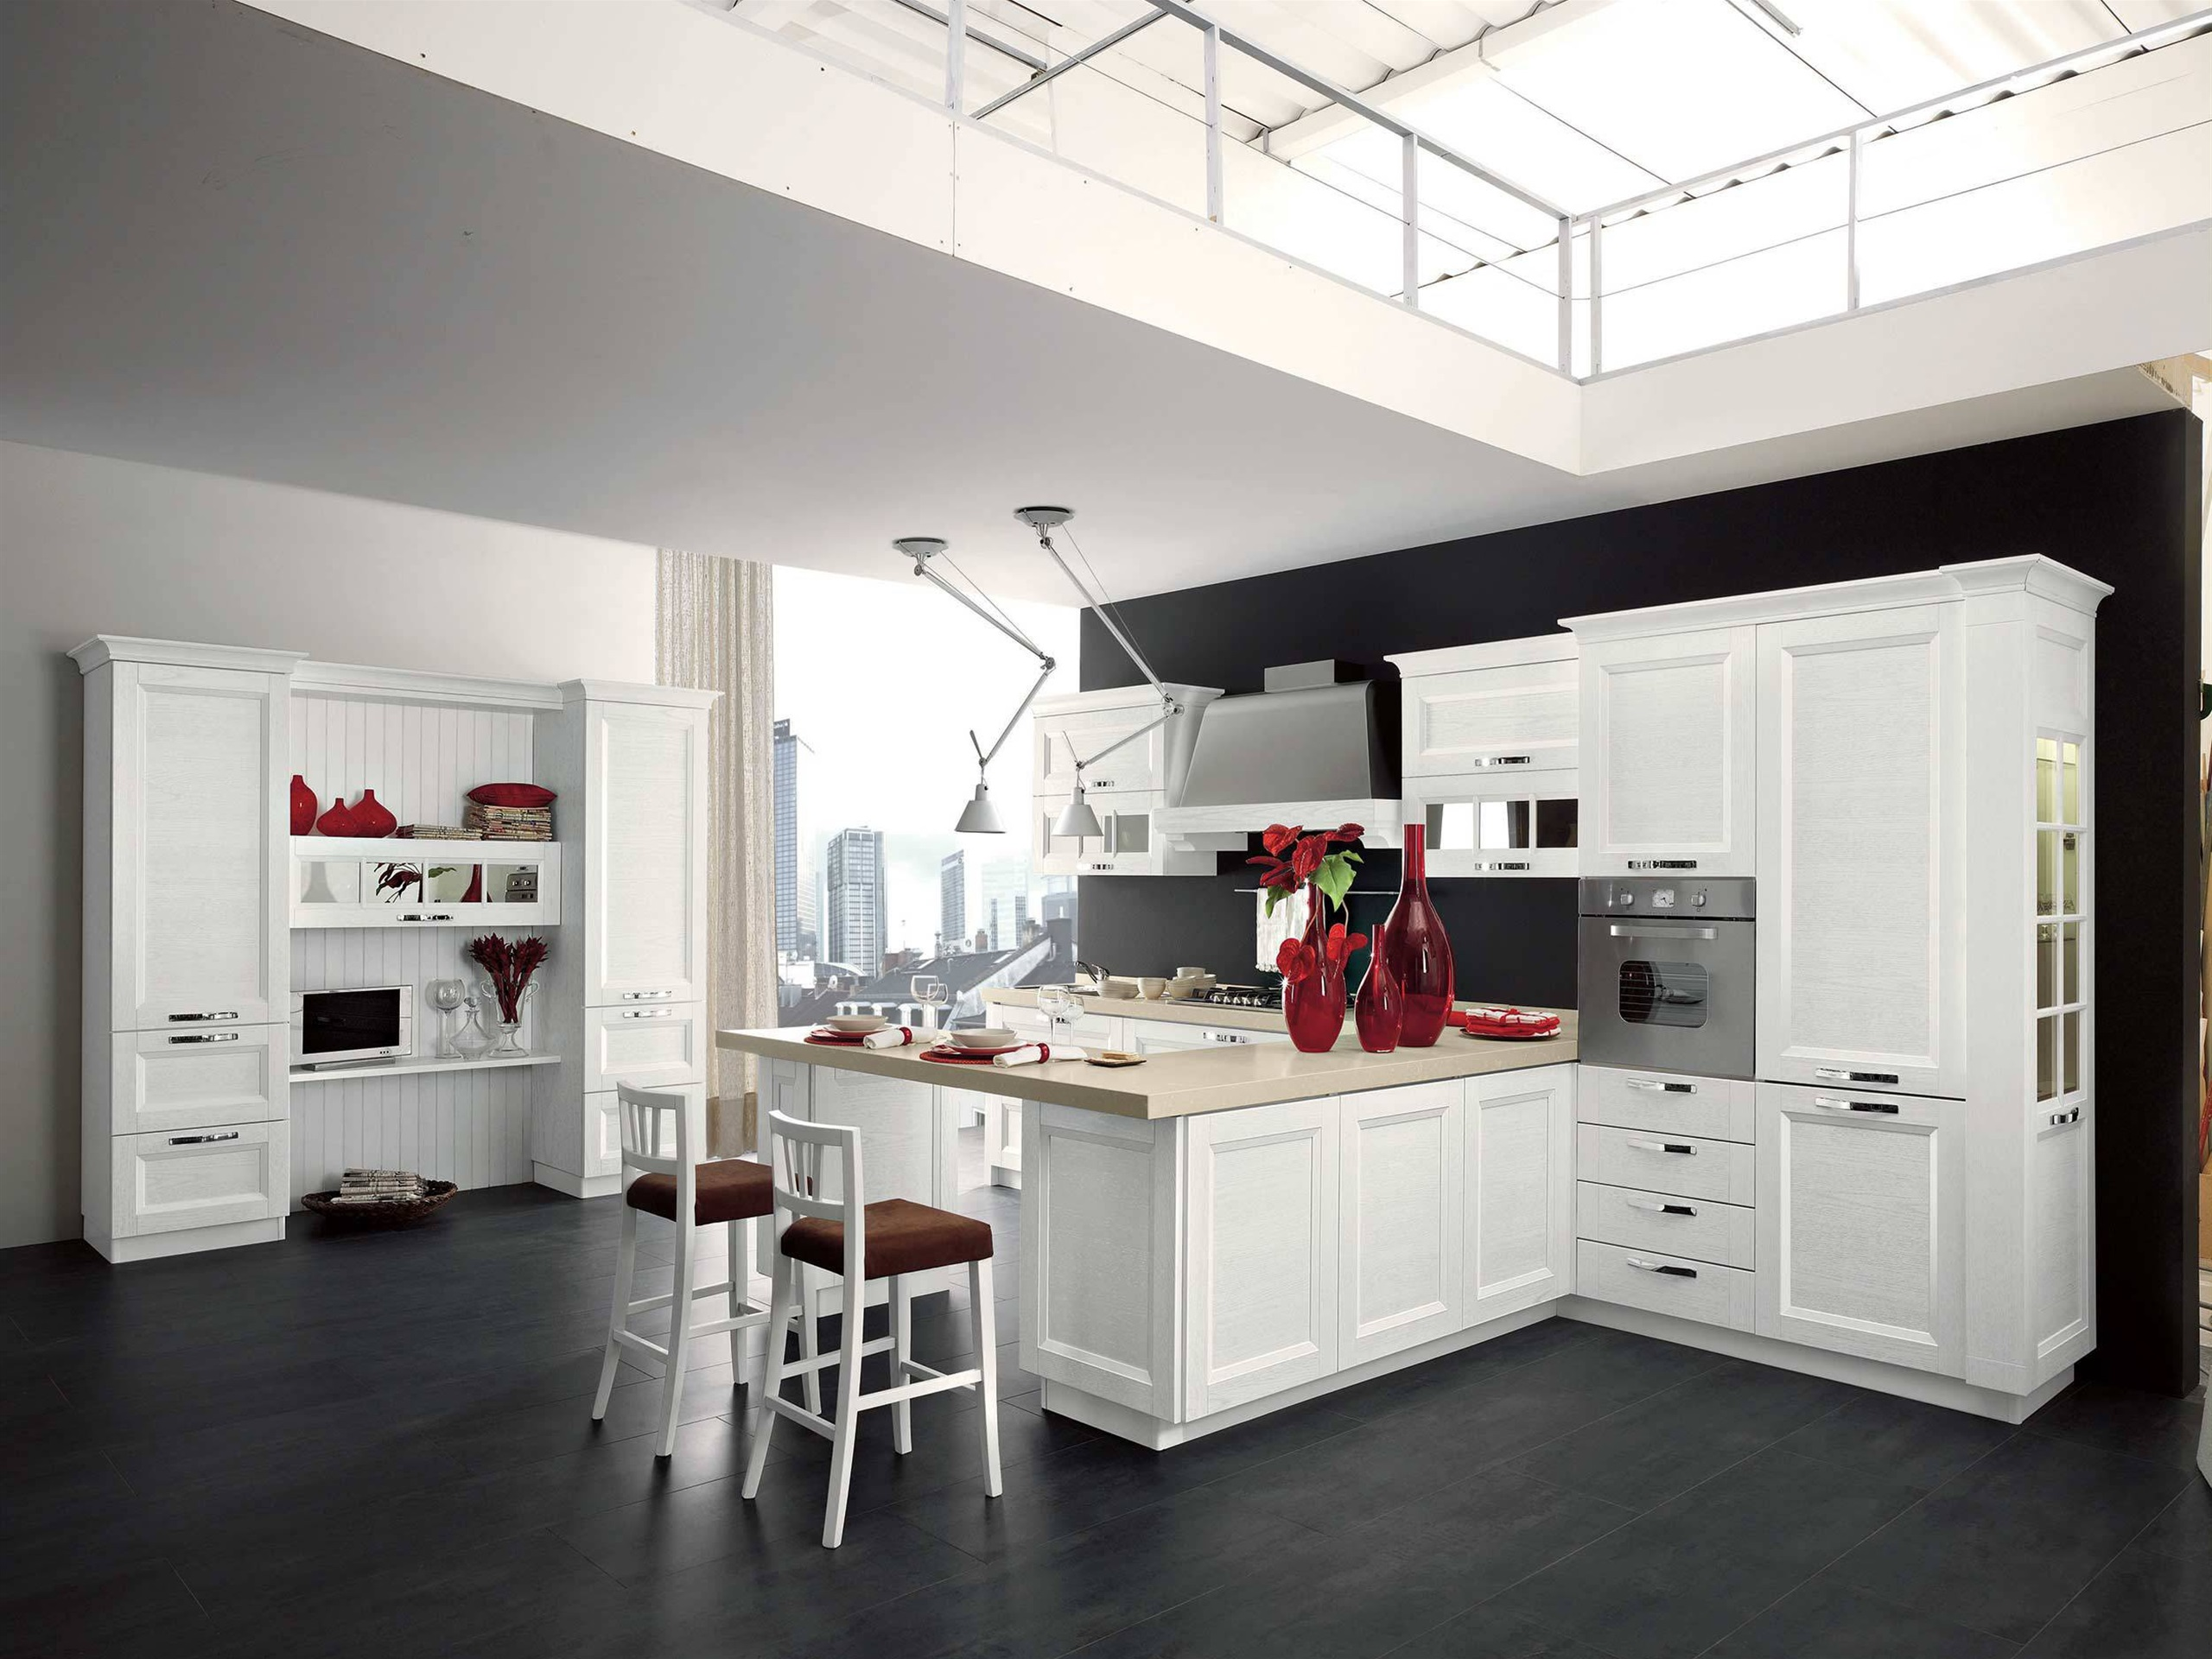 Küche, Interieur, weiße Stil 2560x1920 HD Hintergrundbilder, HD, Bild